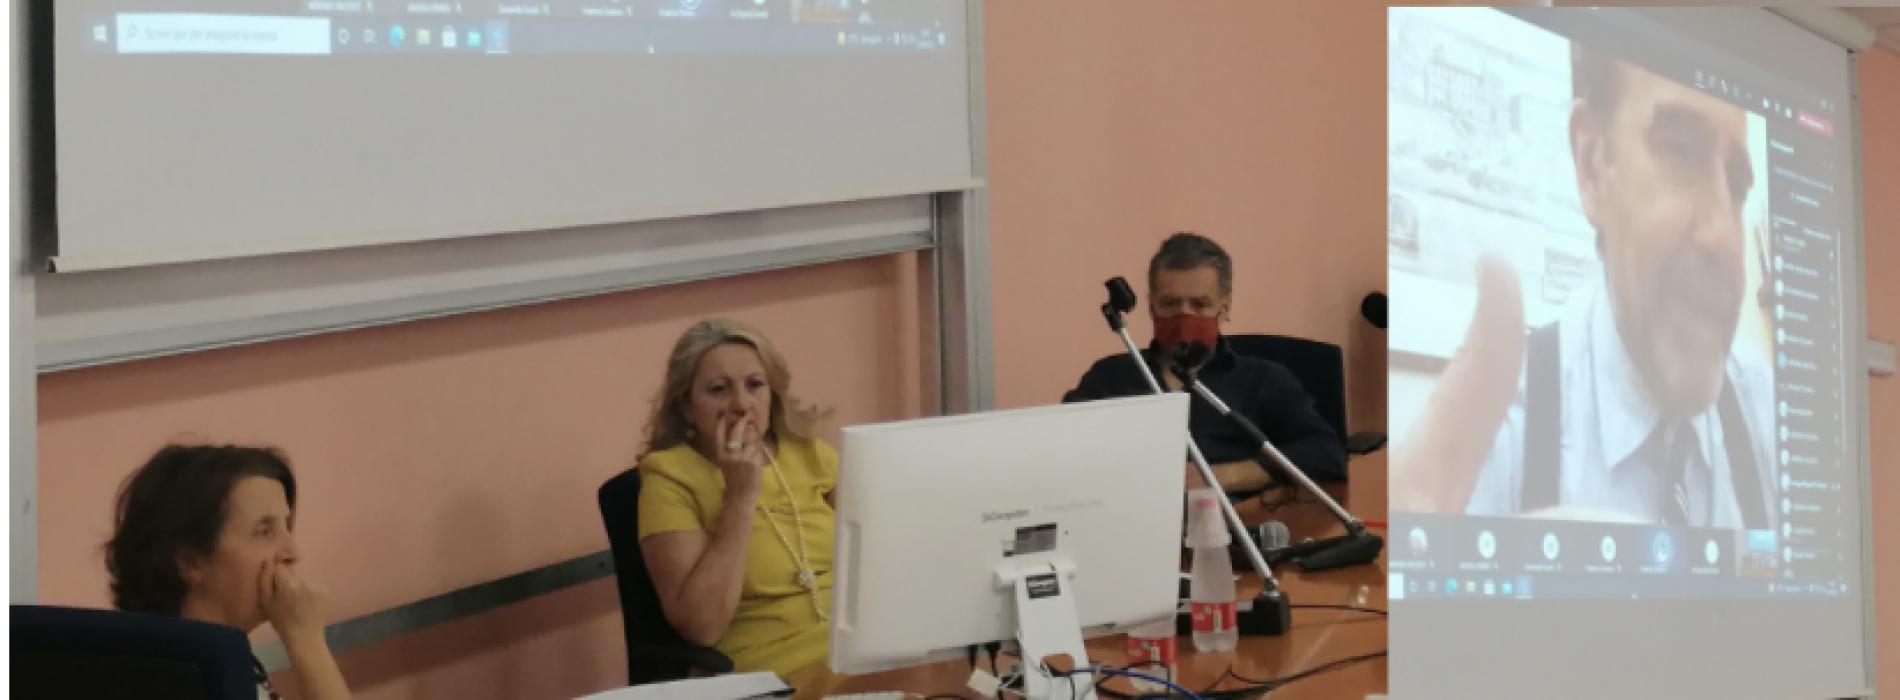 Università Vanvitelli, presentato il libro di Riccardo Nencini